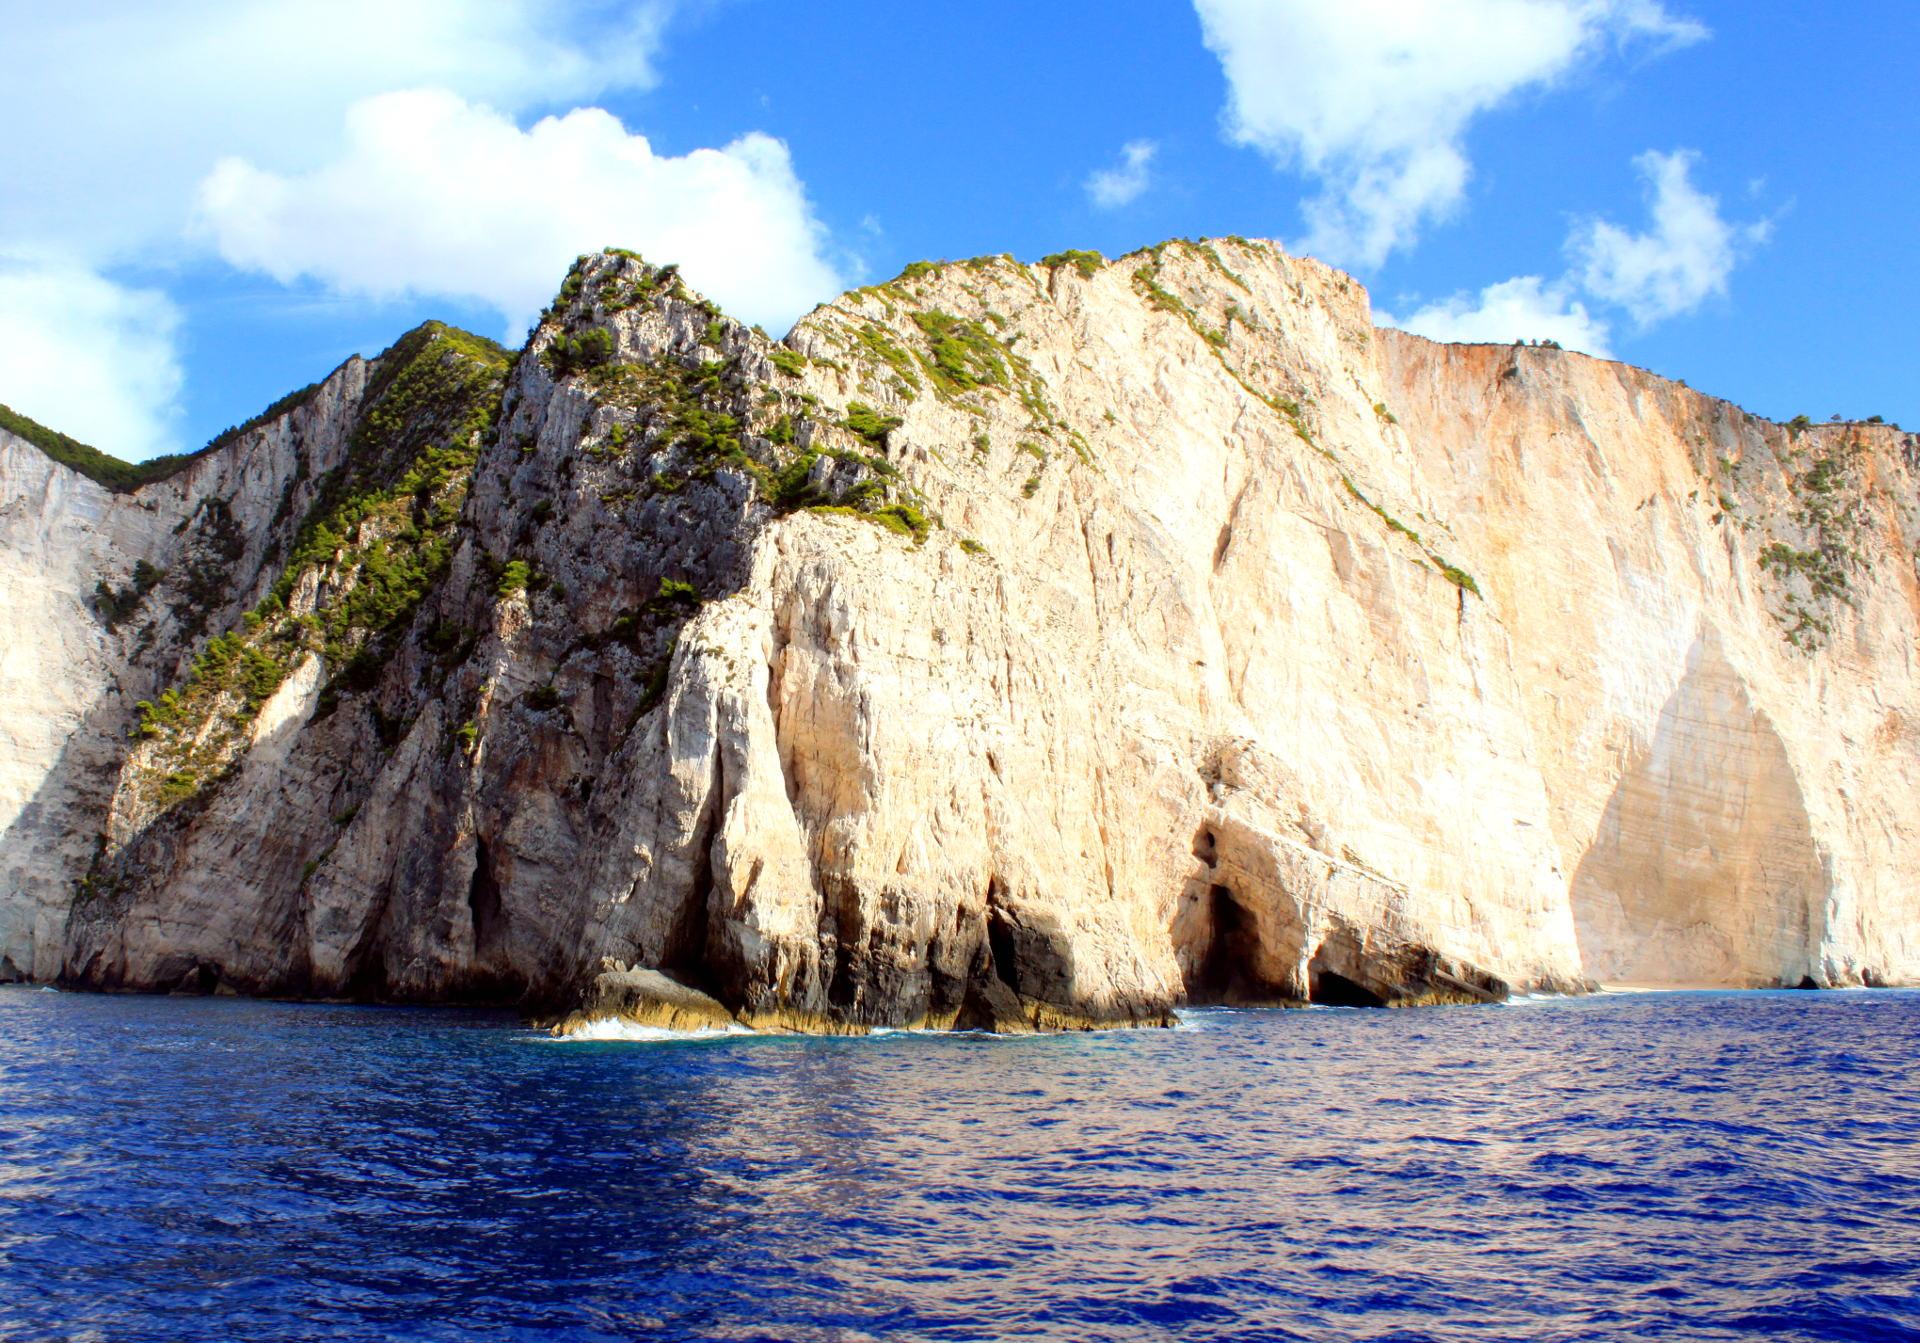 grecja zakynthos zatokawraku navagiobeach skaly morze iglawpodrozy